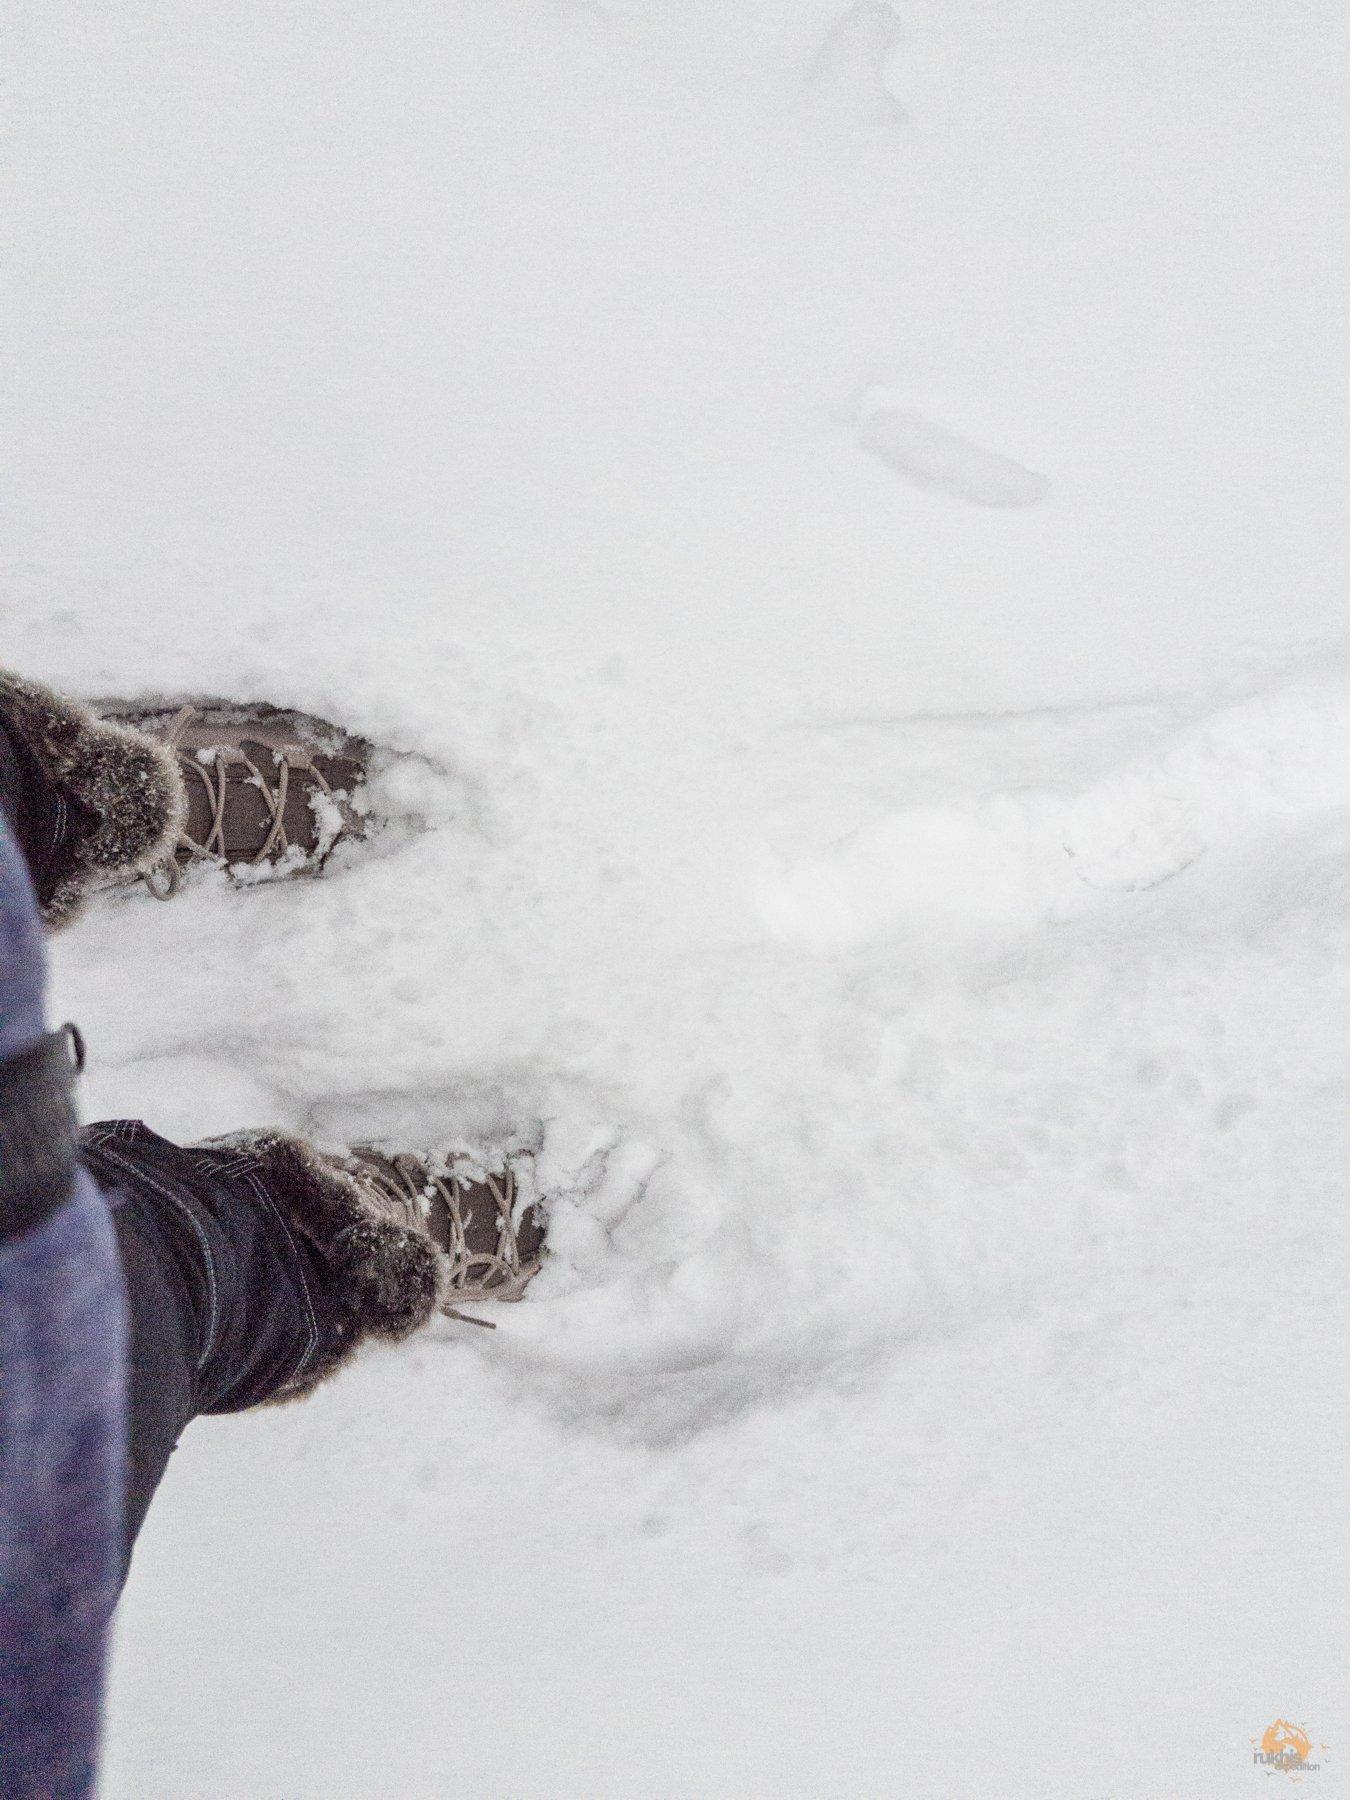 hohe Stiefel Jack Wolfskin GlacierBay Texapore tief im Schnee am Erbeskopf - Hunsrück-Hochwald